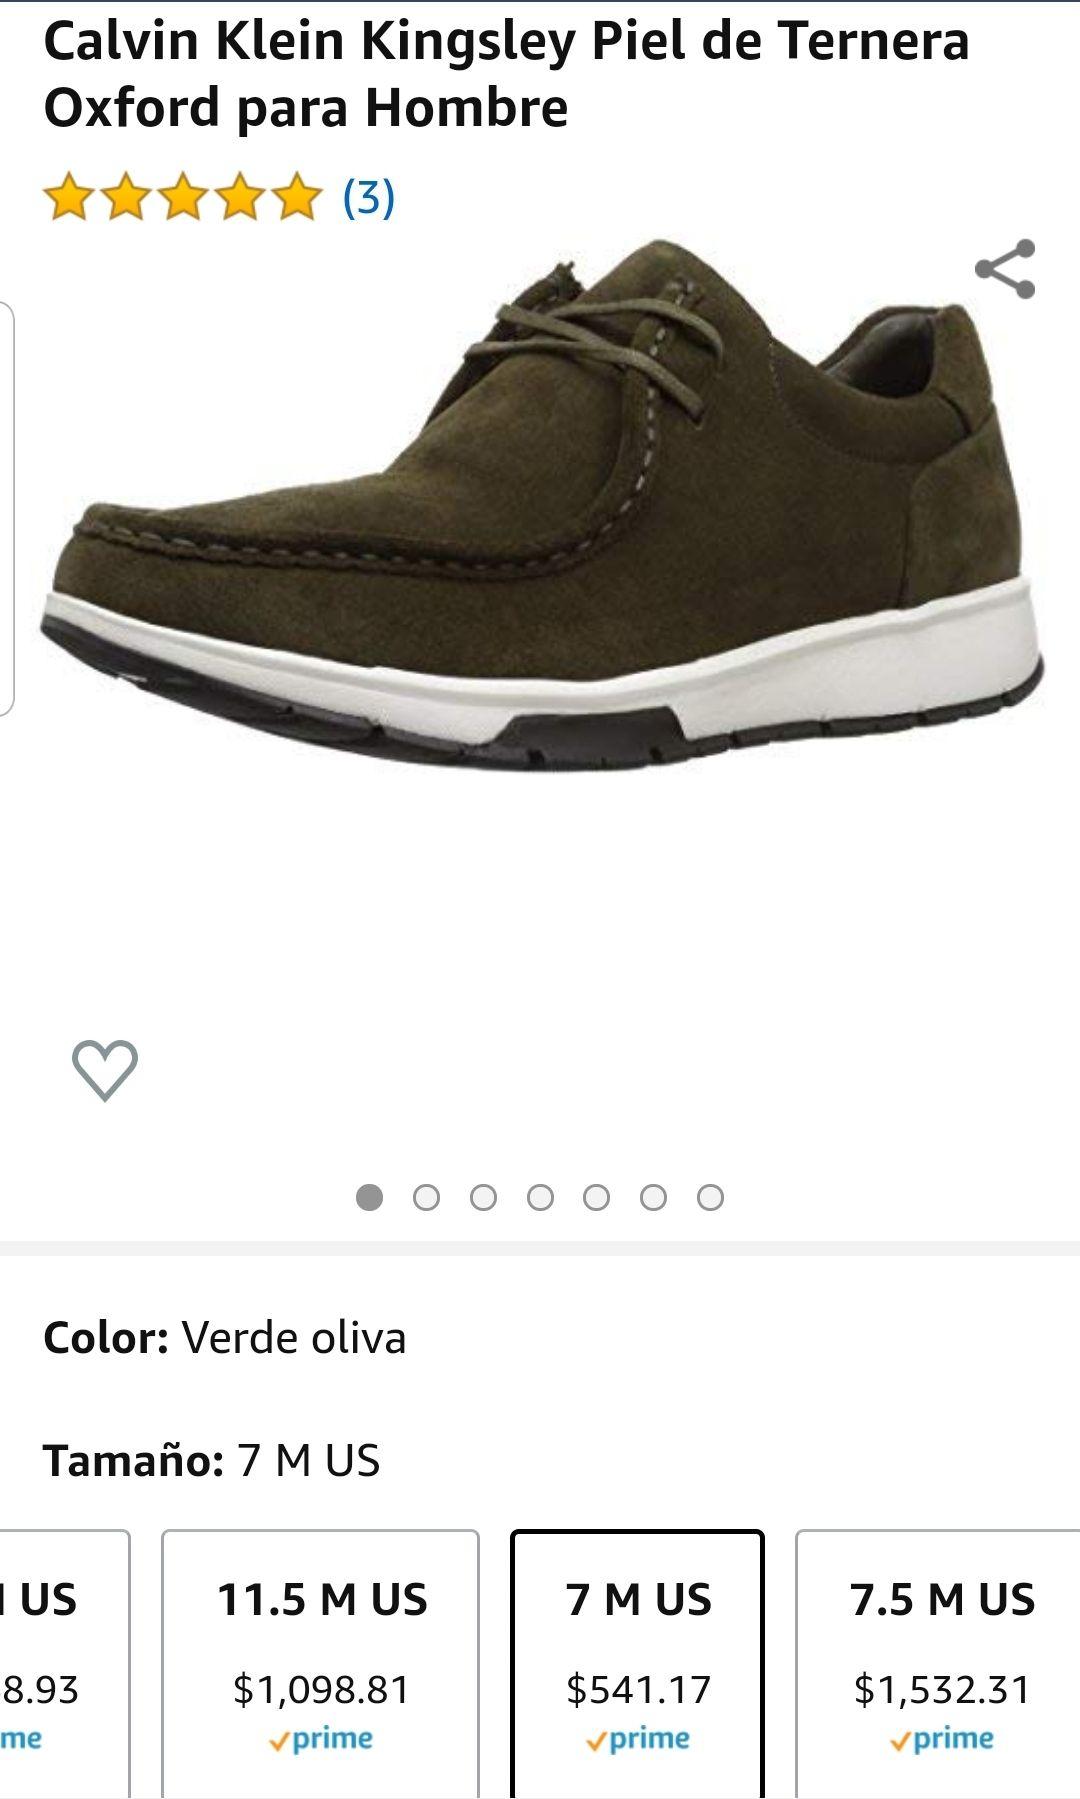 Amazon: Tenis Calvin Klein 7US